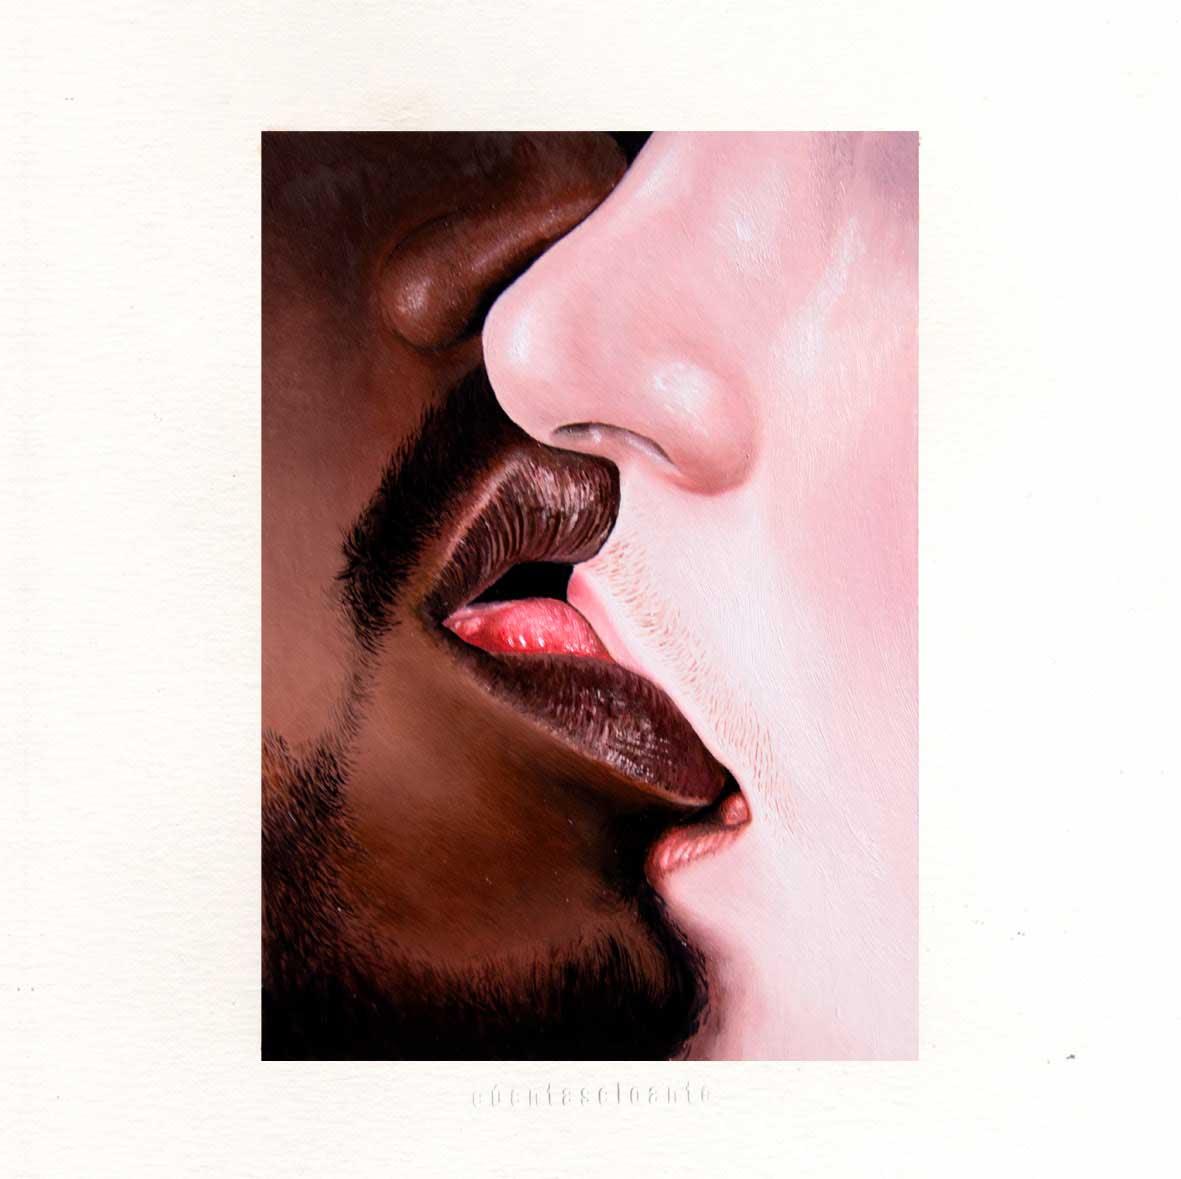 antonio barbosa beso gay